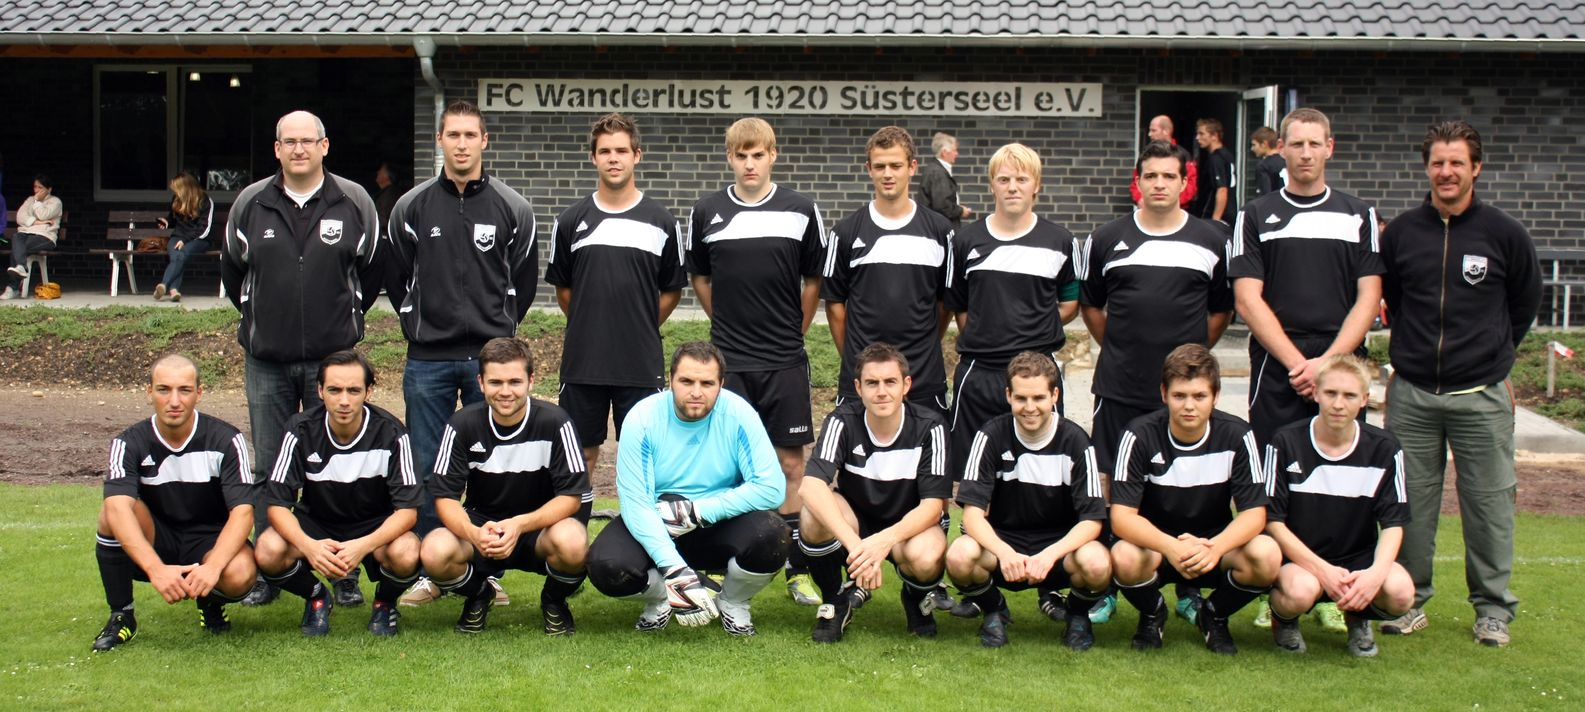 Zweite_Mannschaftsfoto_2011